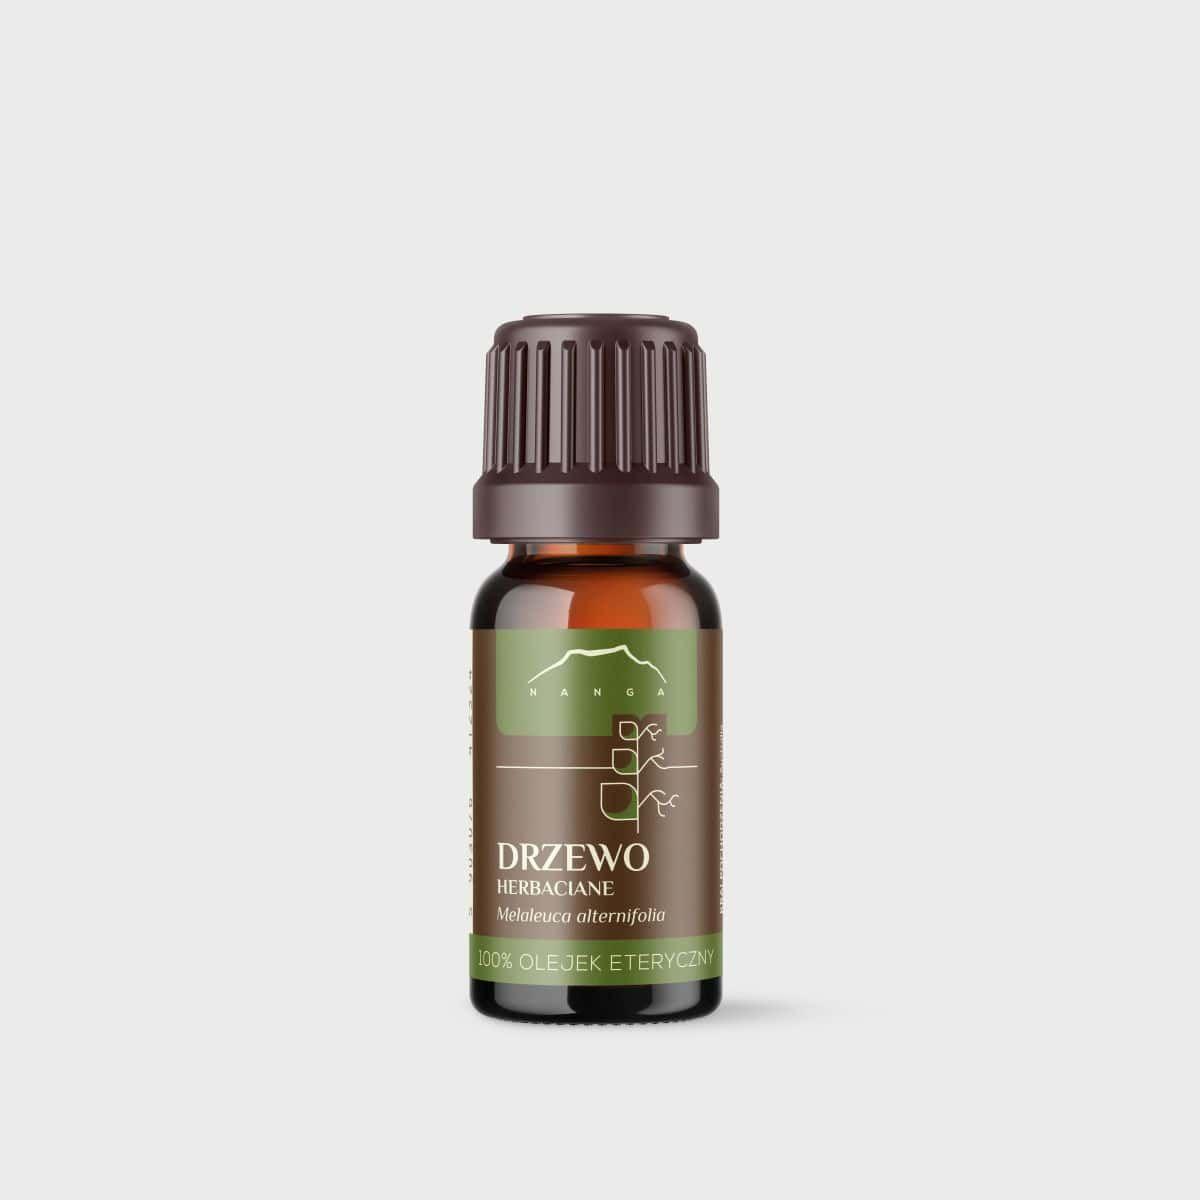 Olejek z drzewa herbacianego Australia 100% eteryczny Nanga